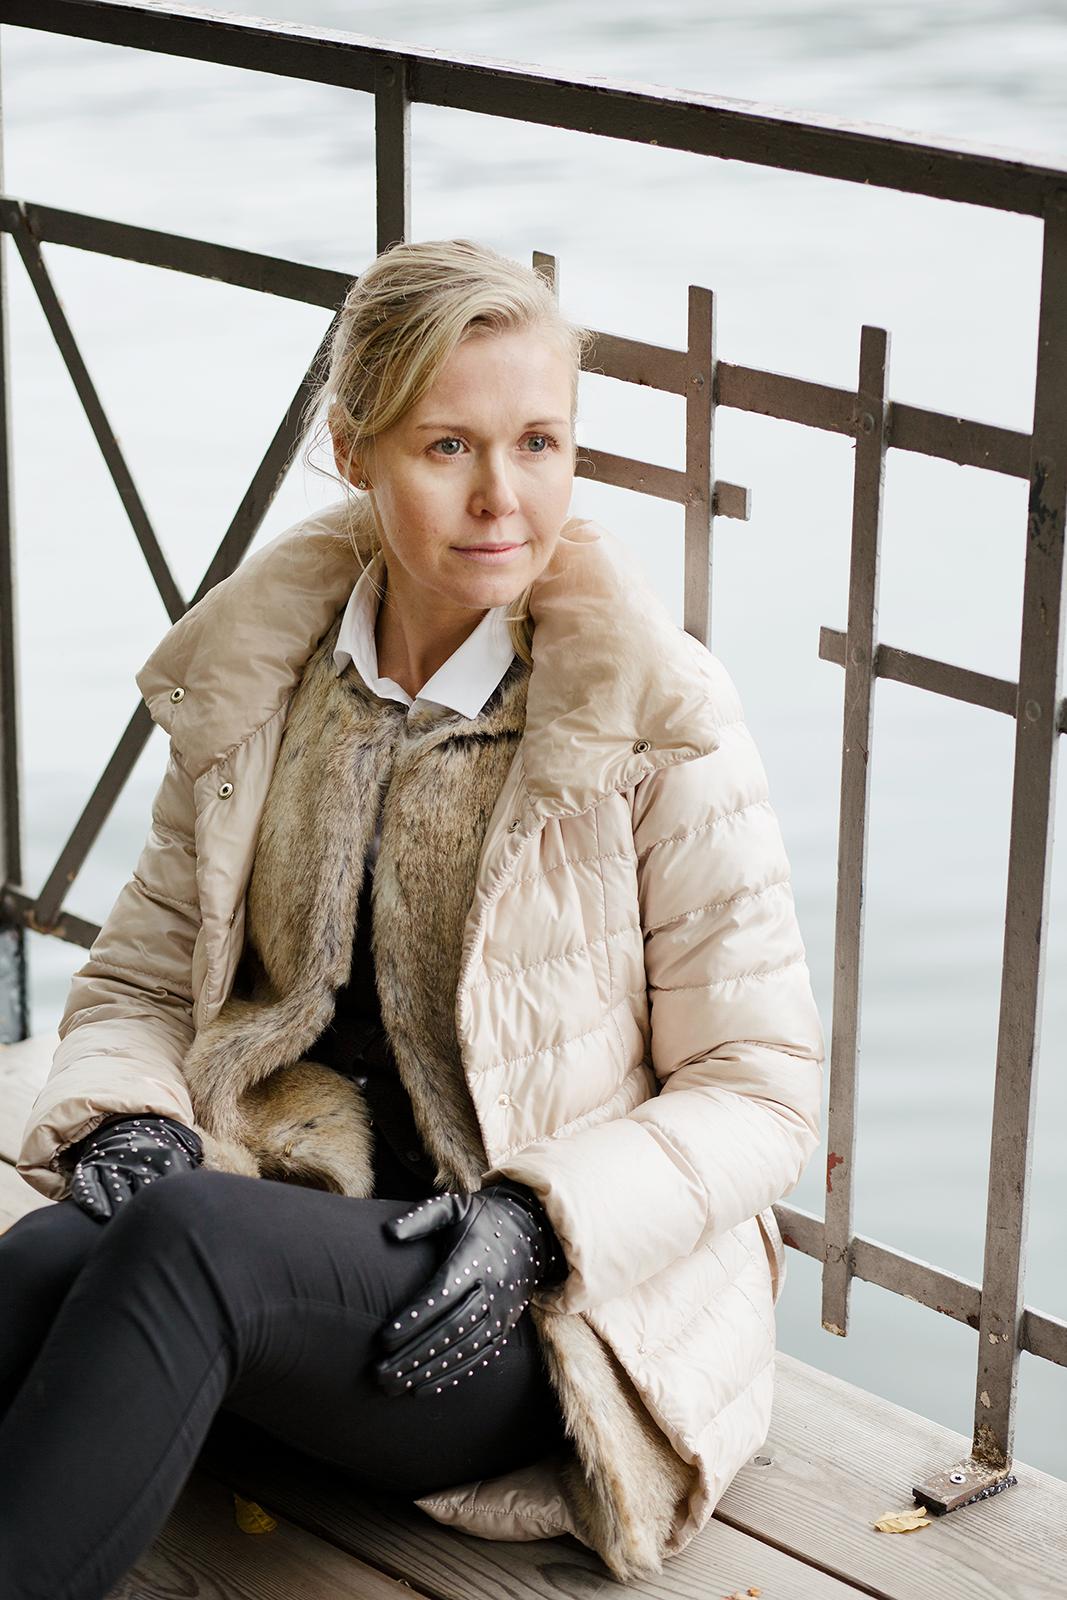 Kaunis Kristiina kuvattuna Luganossa Sveitsissä Valokuvaaja Erika Lind Studio Metsä